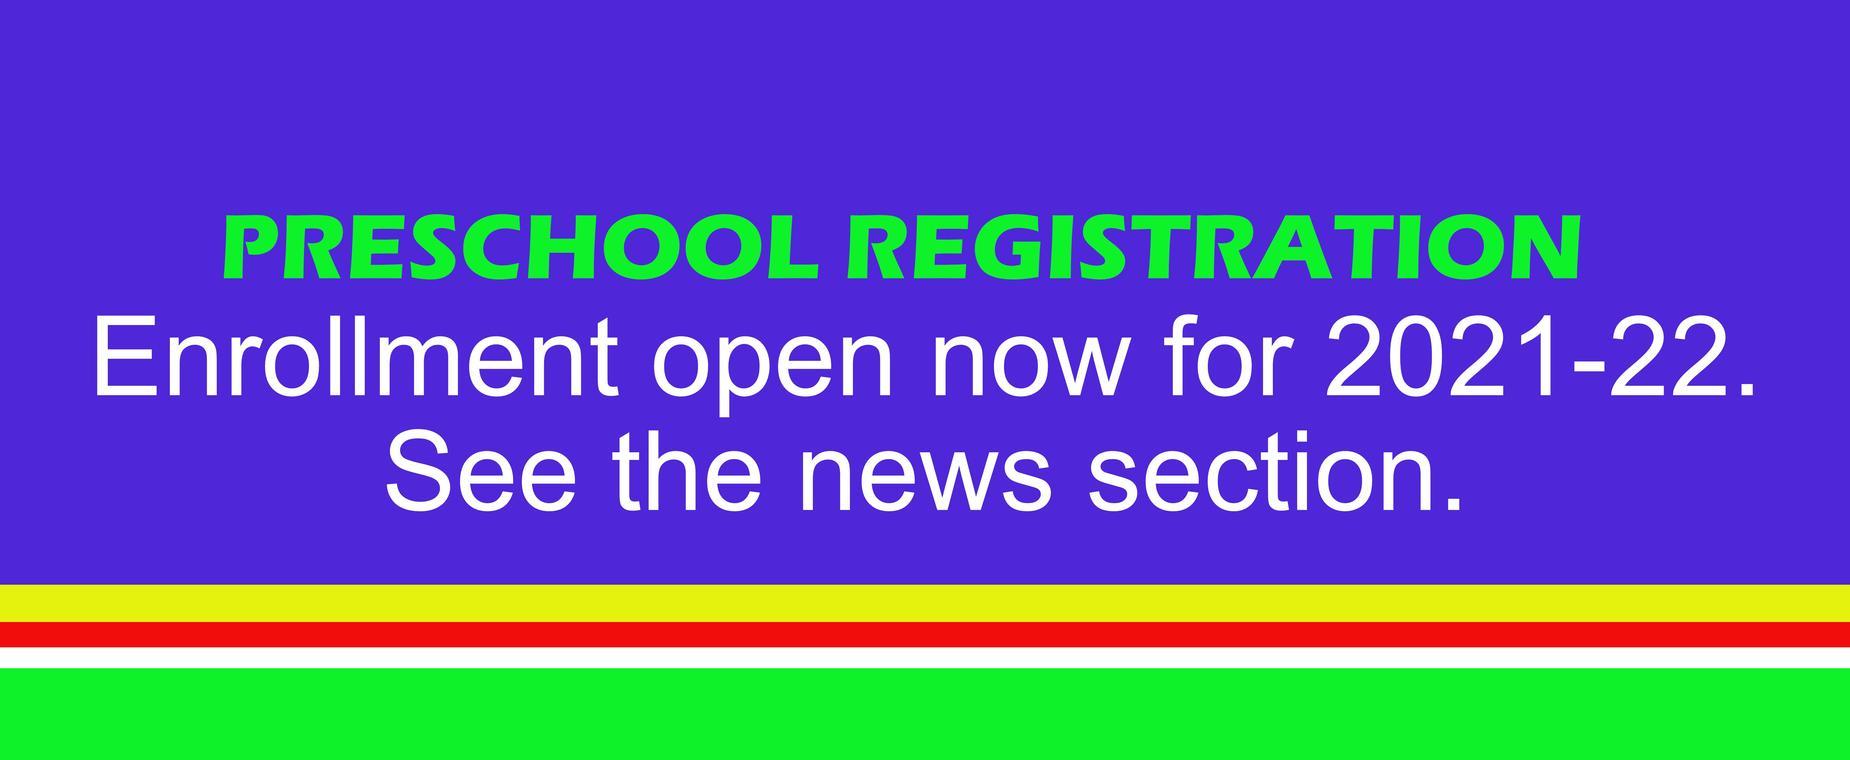 Preschool registration open